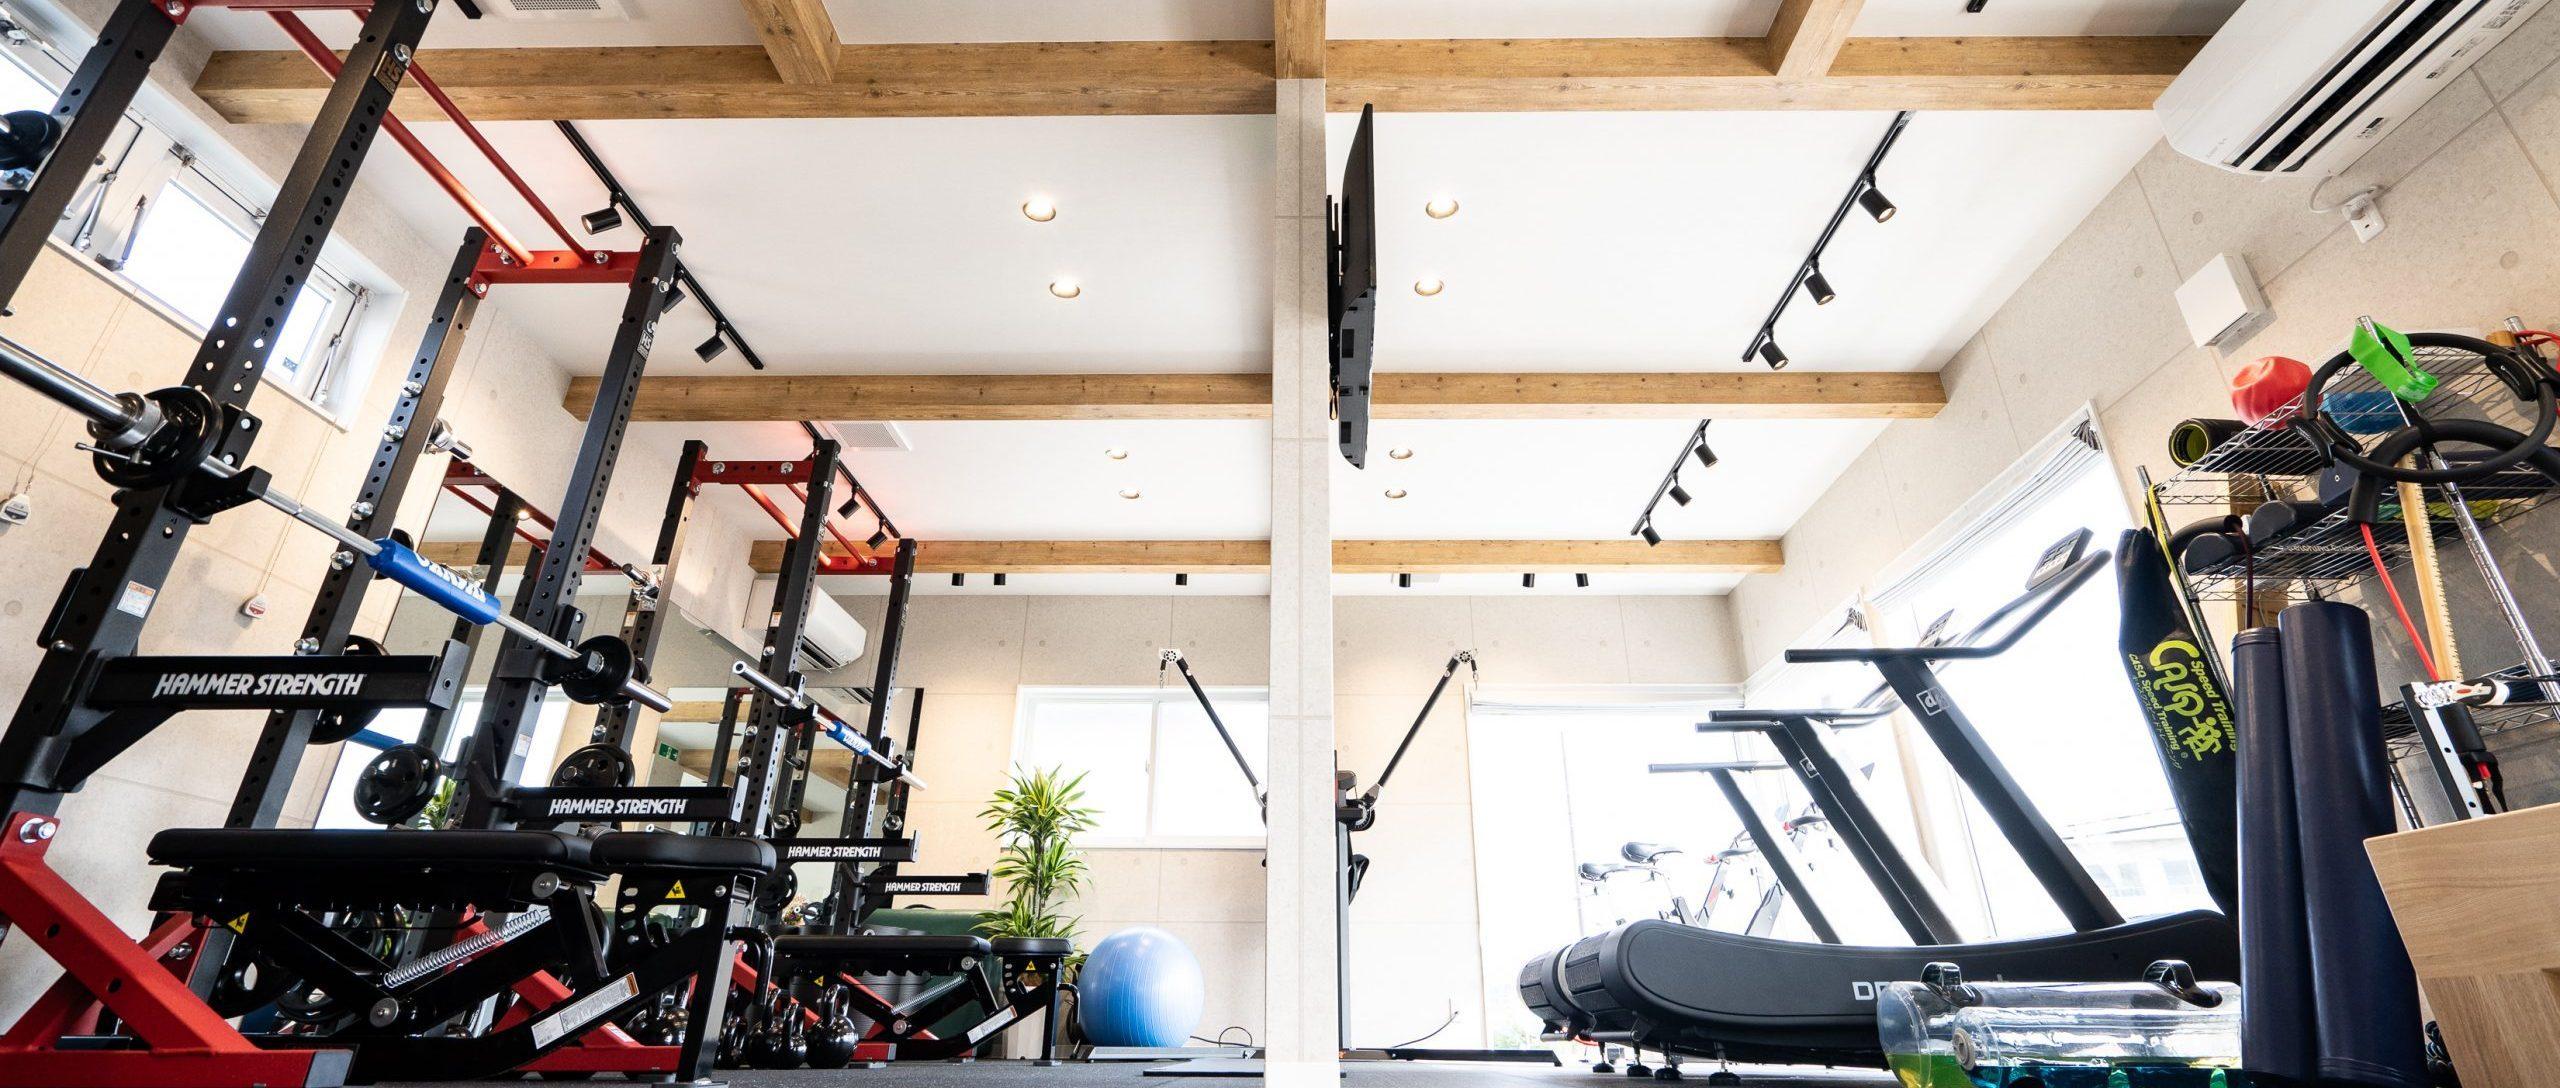 福島市のトレーニングジム|D'mov Training Center